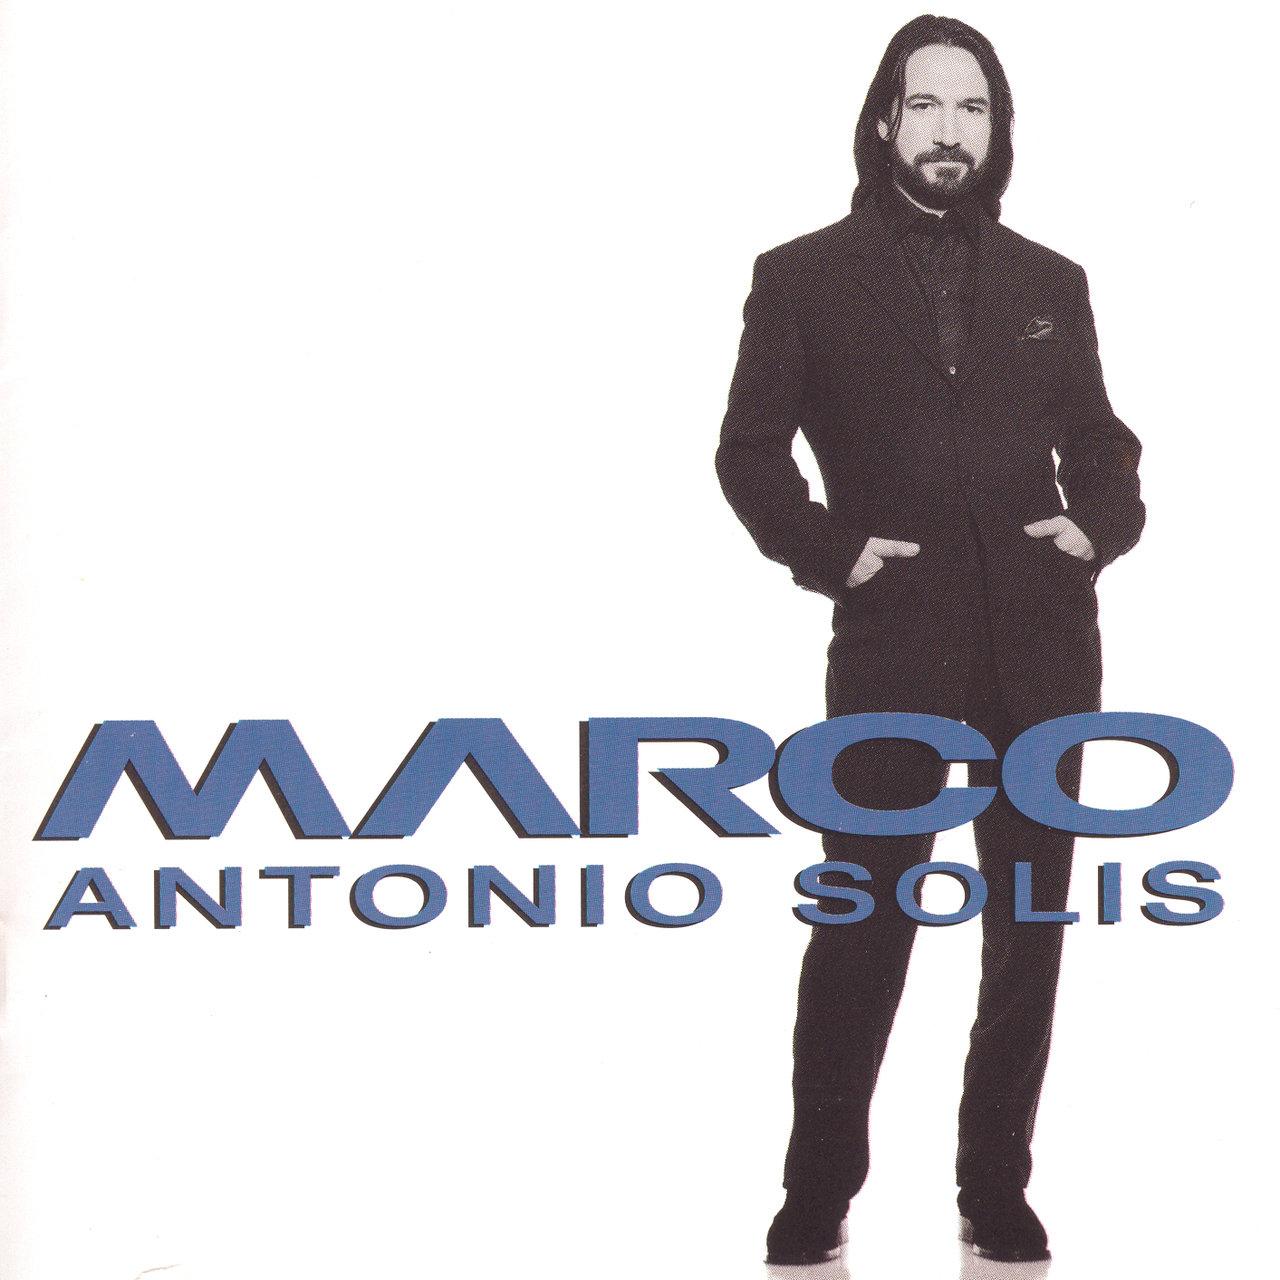 Marco Antonio Solis / Marco Antonio Solís TIDAL